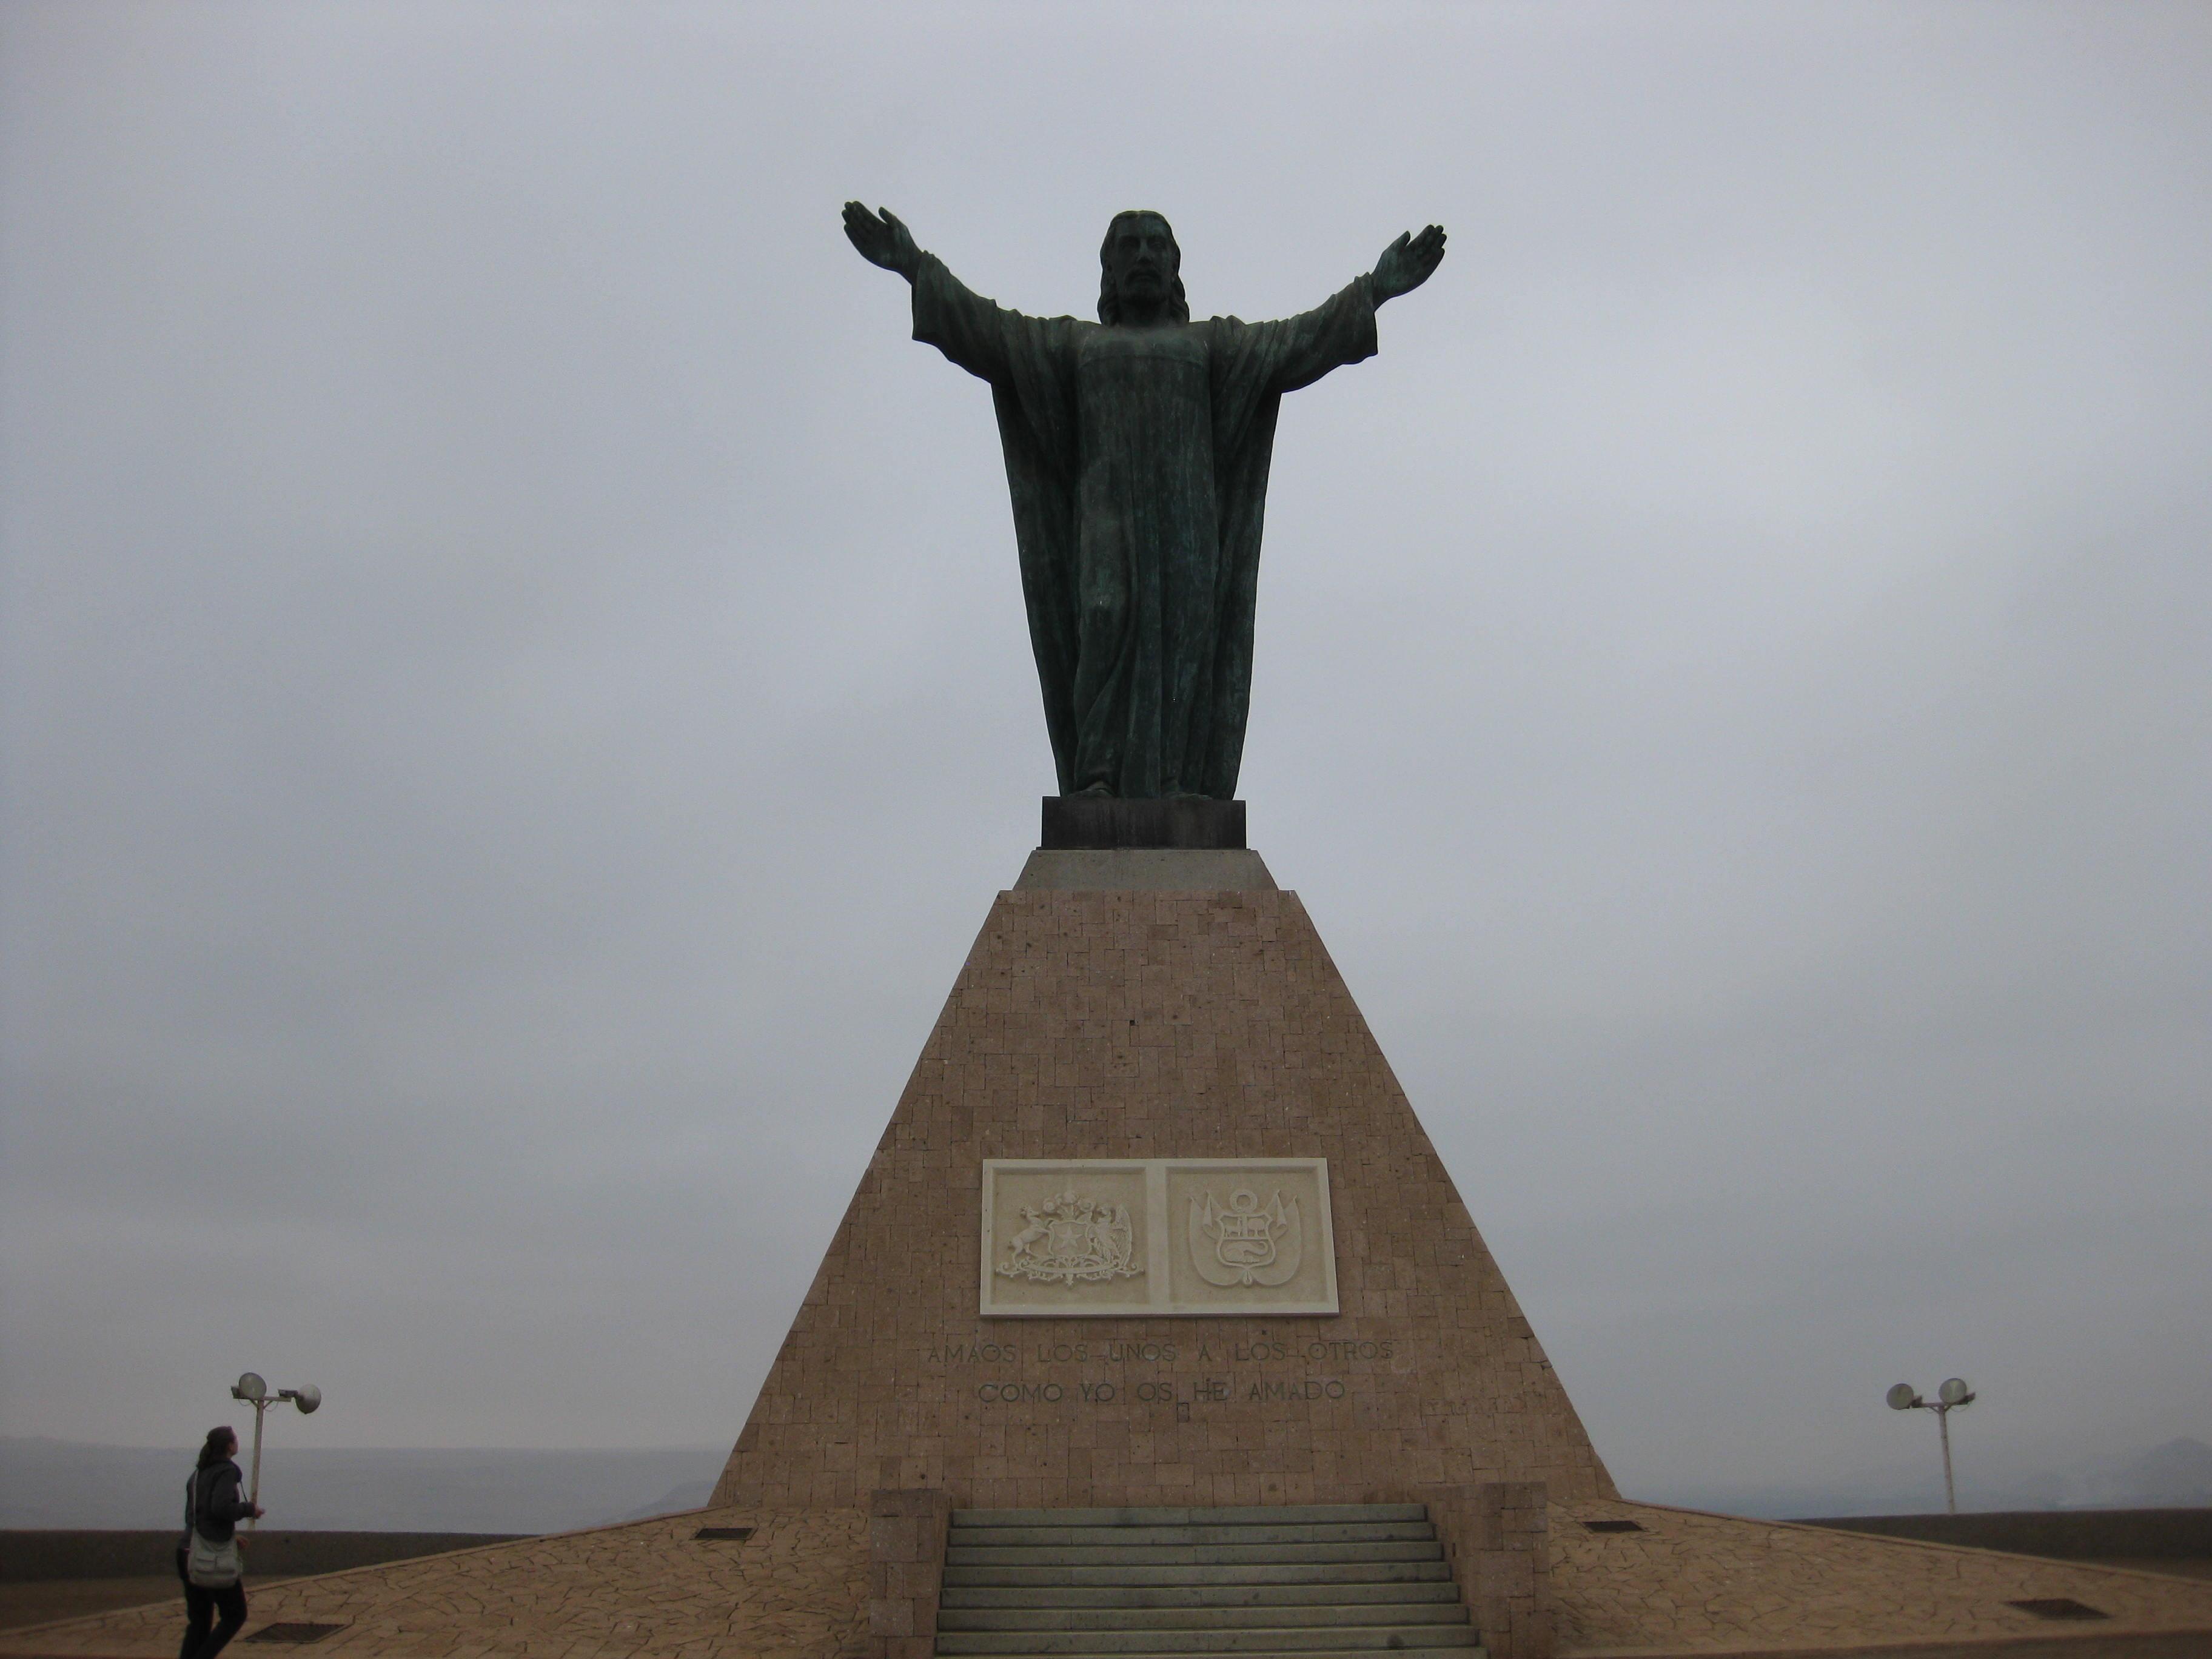 El Morro Historical War Monument